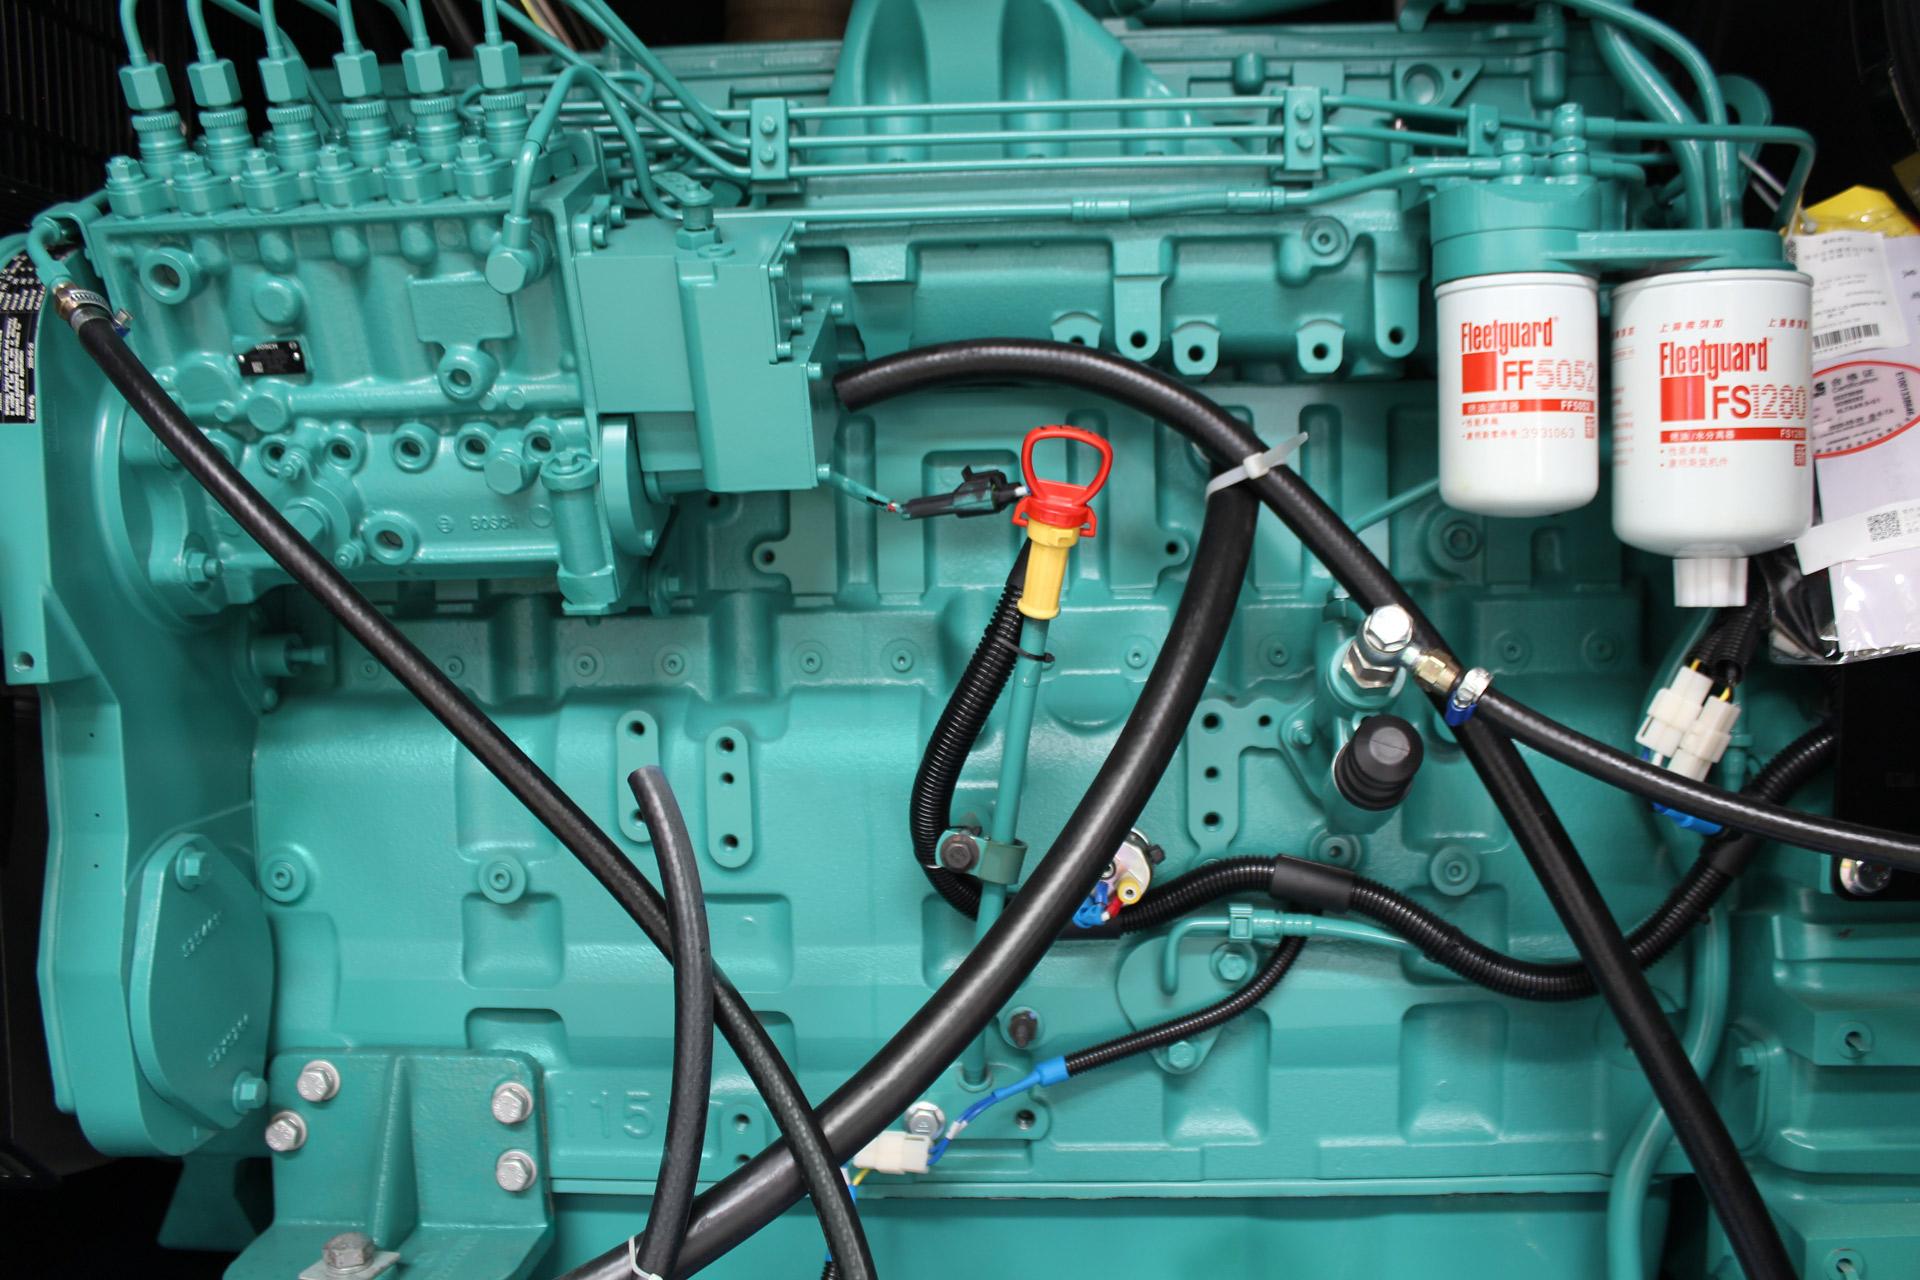 Cummins 6LTAA9.5 9.5 litre diesel engine within Evopower generator